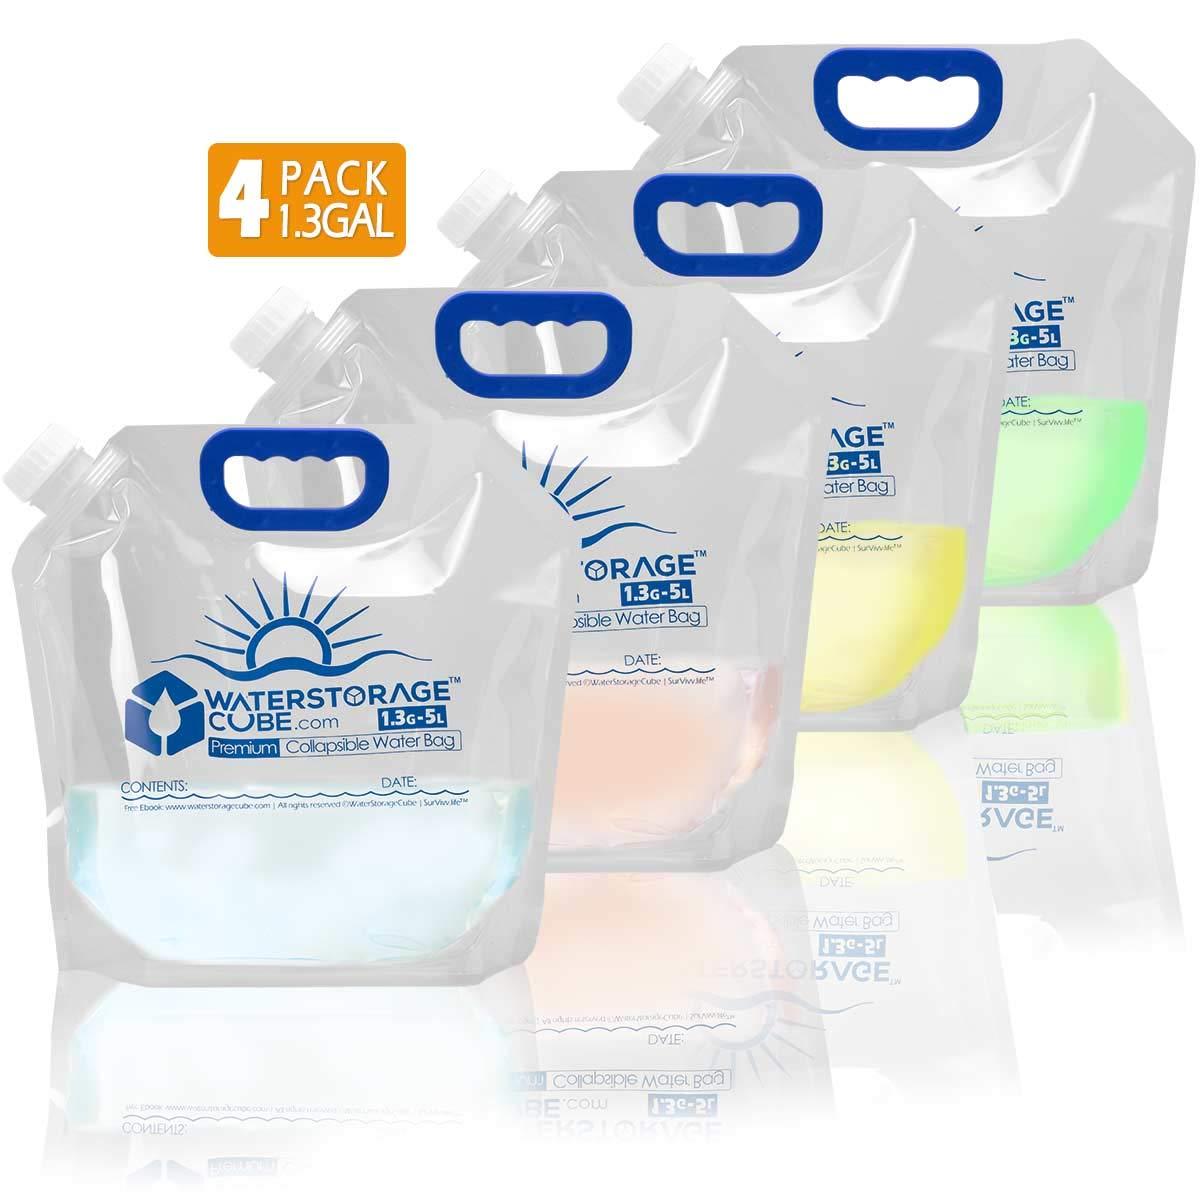 ポータブル緊急&キャンプ用水ストレージコンテナ 冷凍可能な水筒キャリア アウトドアバックパッキング ハイキング BPA不使用 食品グレード (1.3/2.6ガロン) (4) PACK 1.3gal